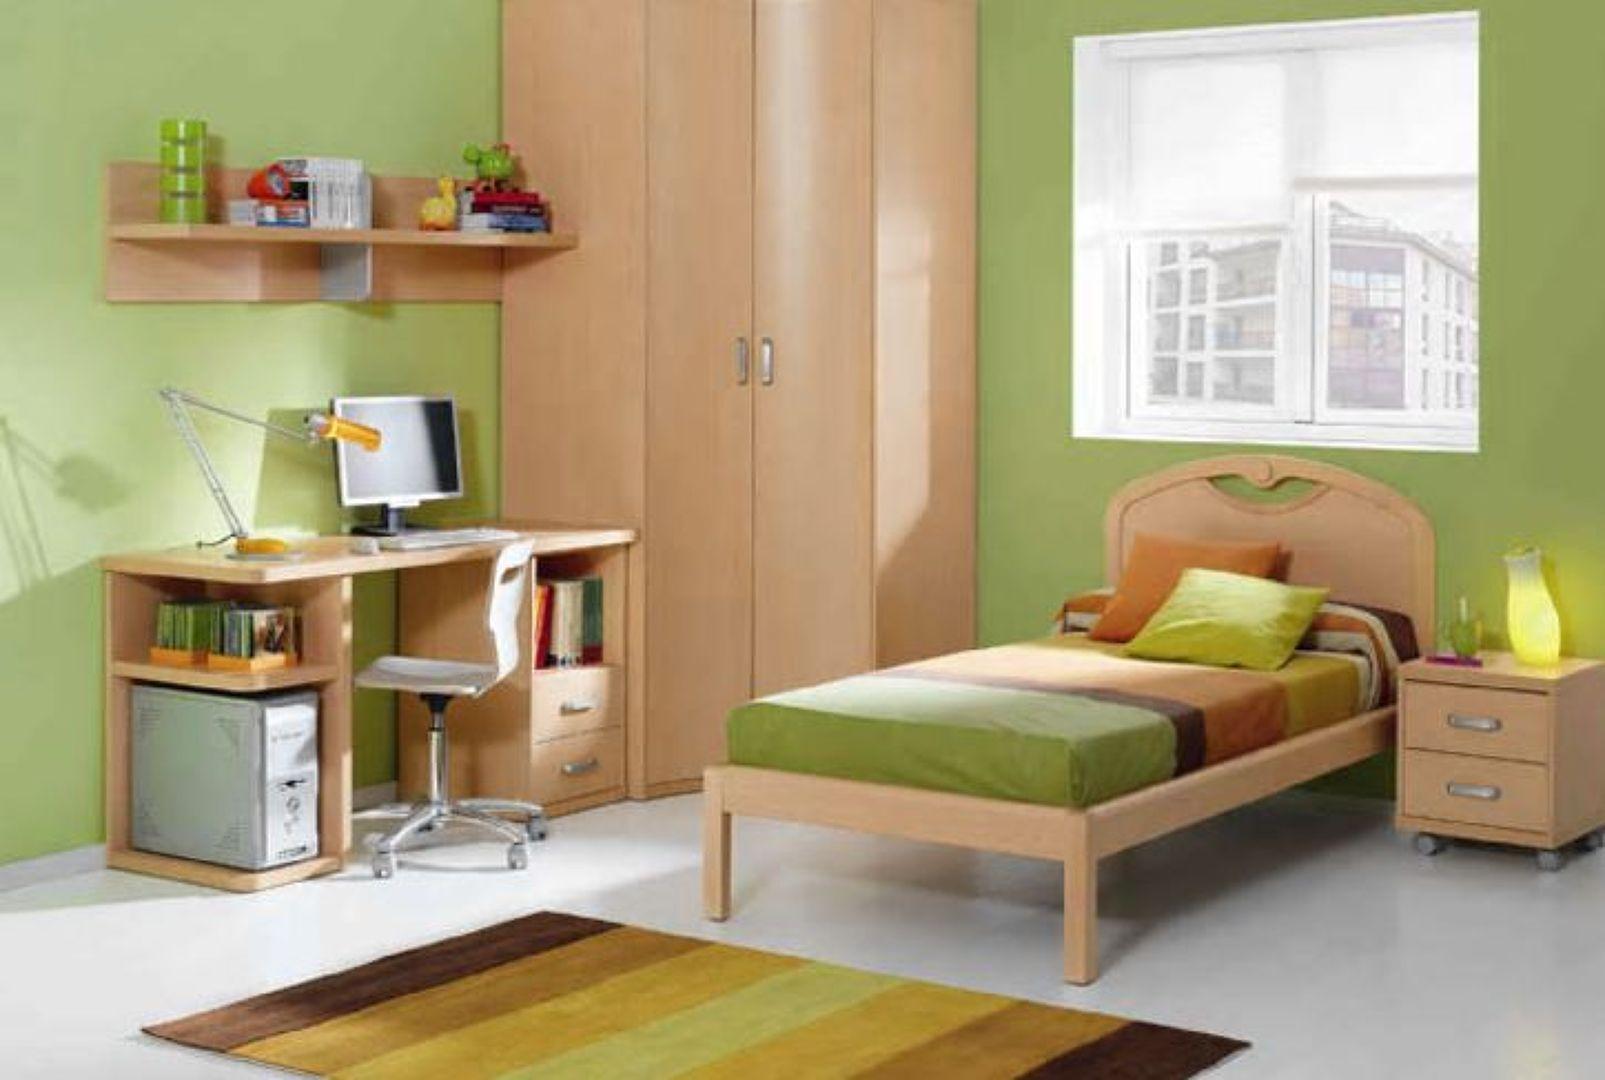 Habitacionverde72 Pintura Pinterest Chicas Y Pinturas # Muebles Lantada